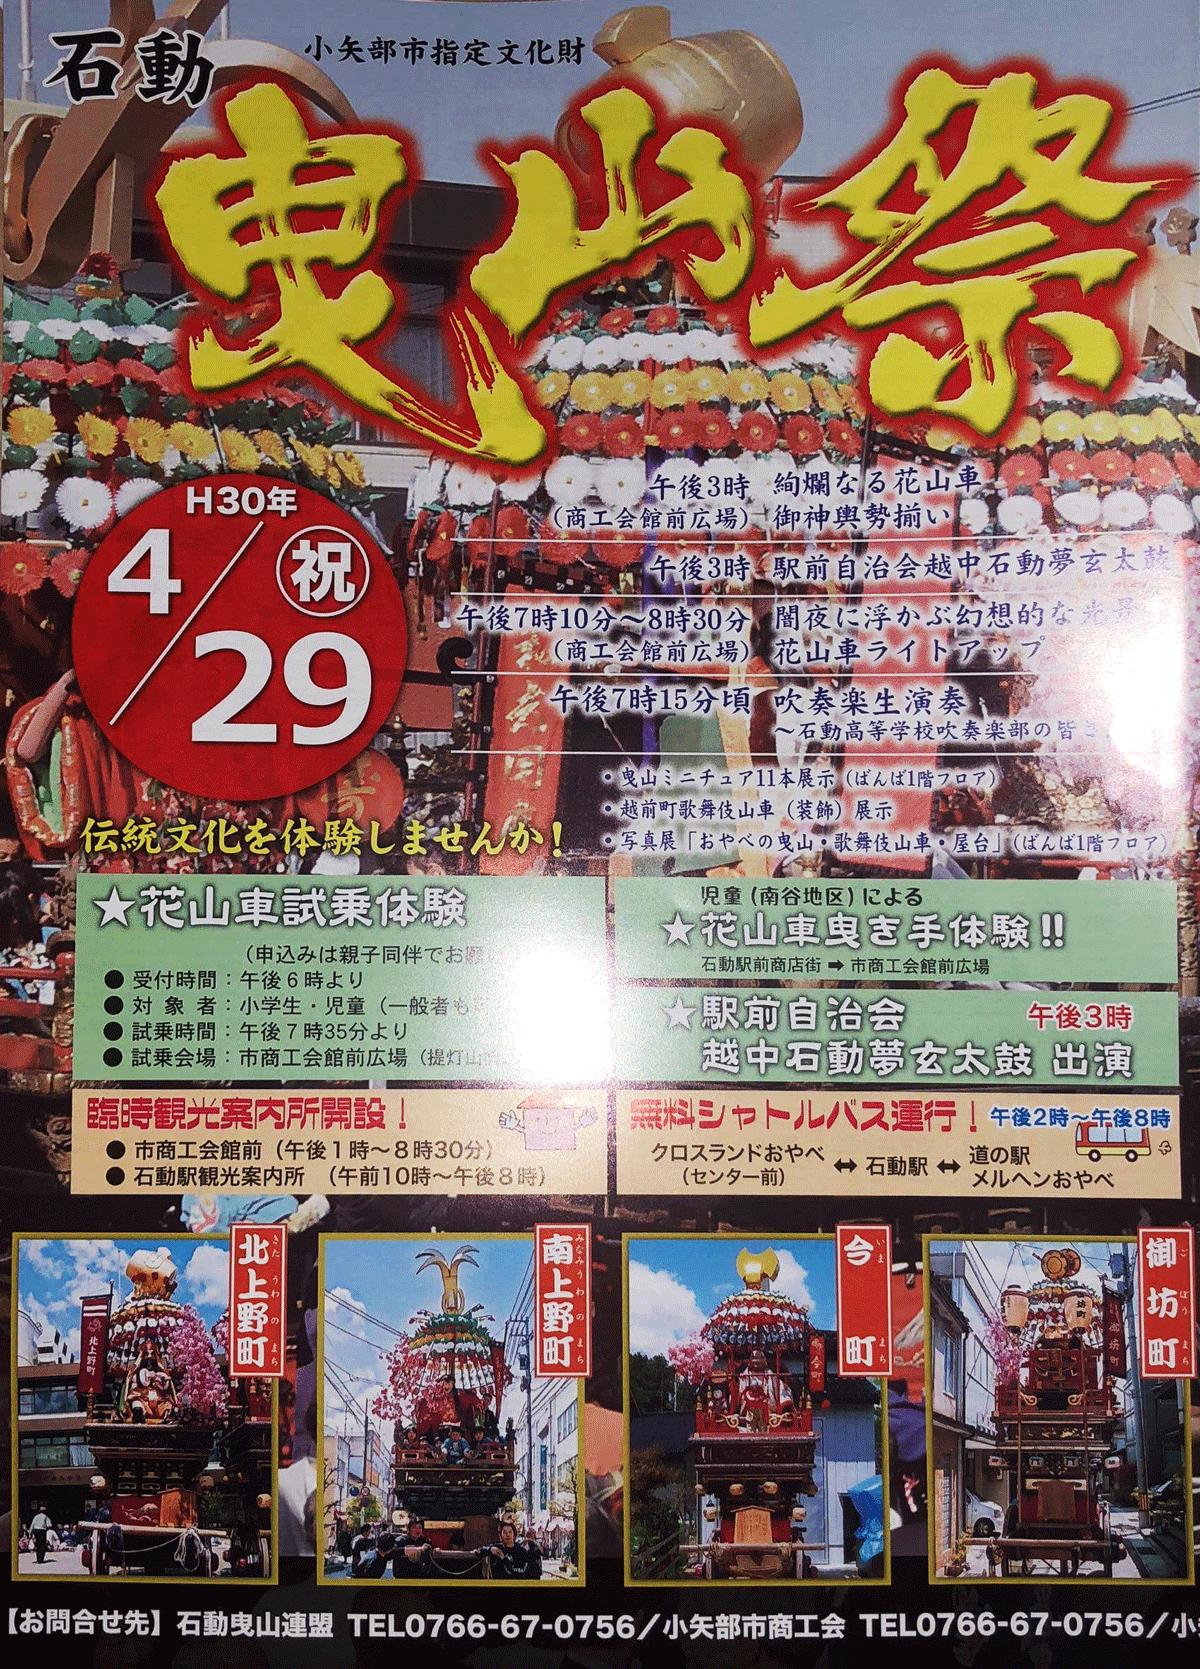 石動曳山祭り2018のポスター